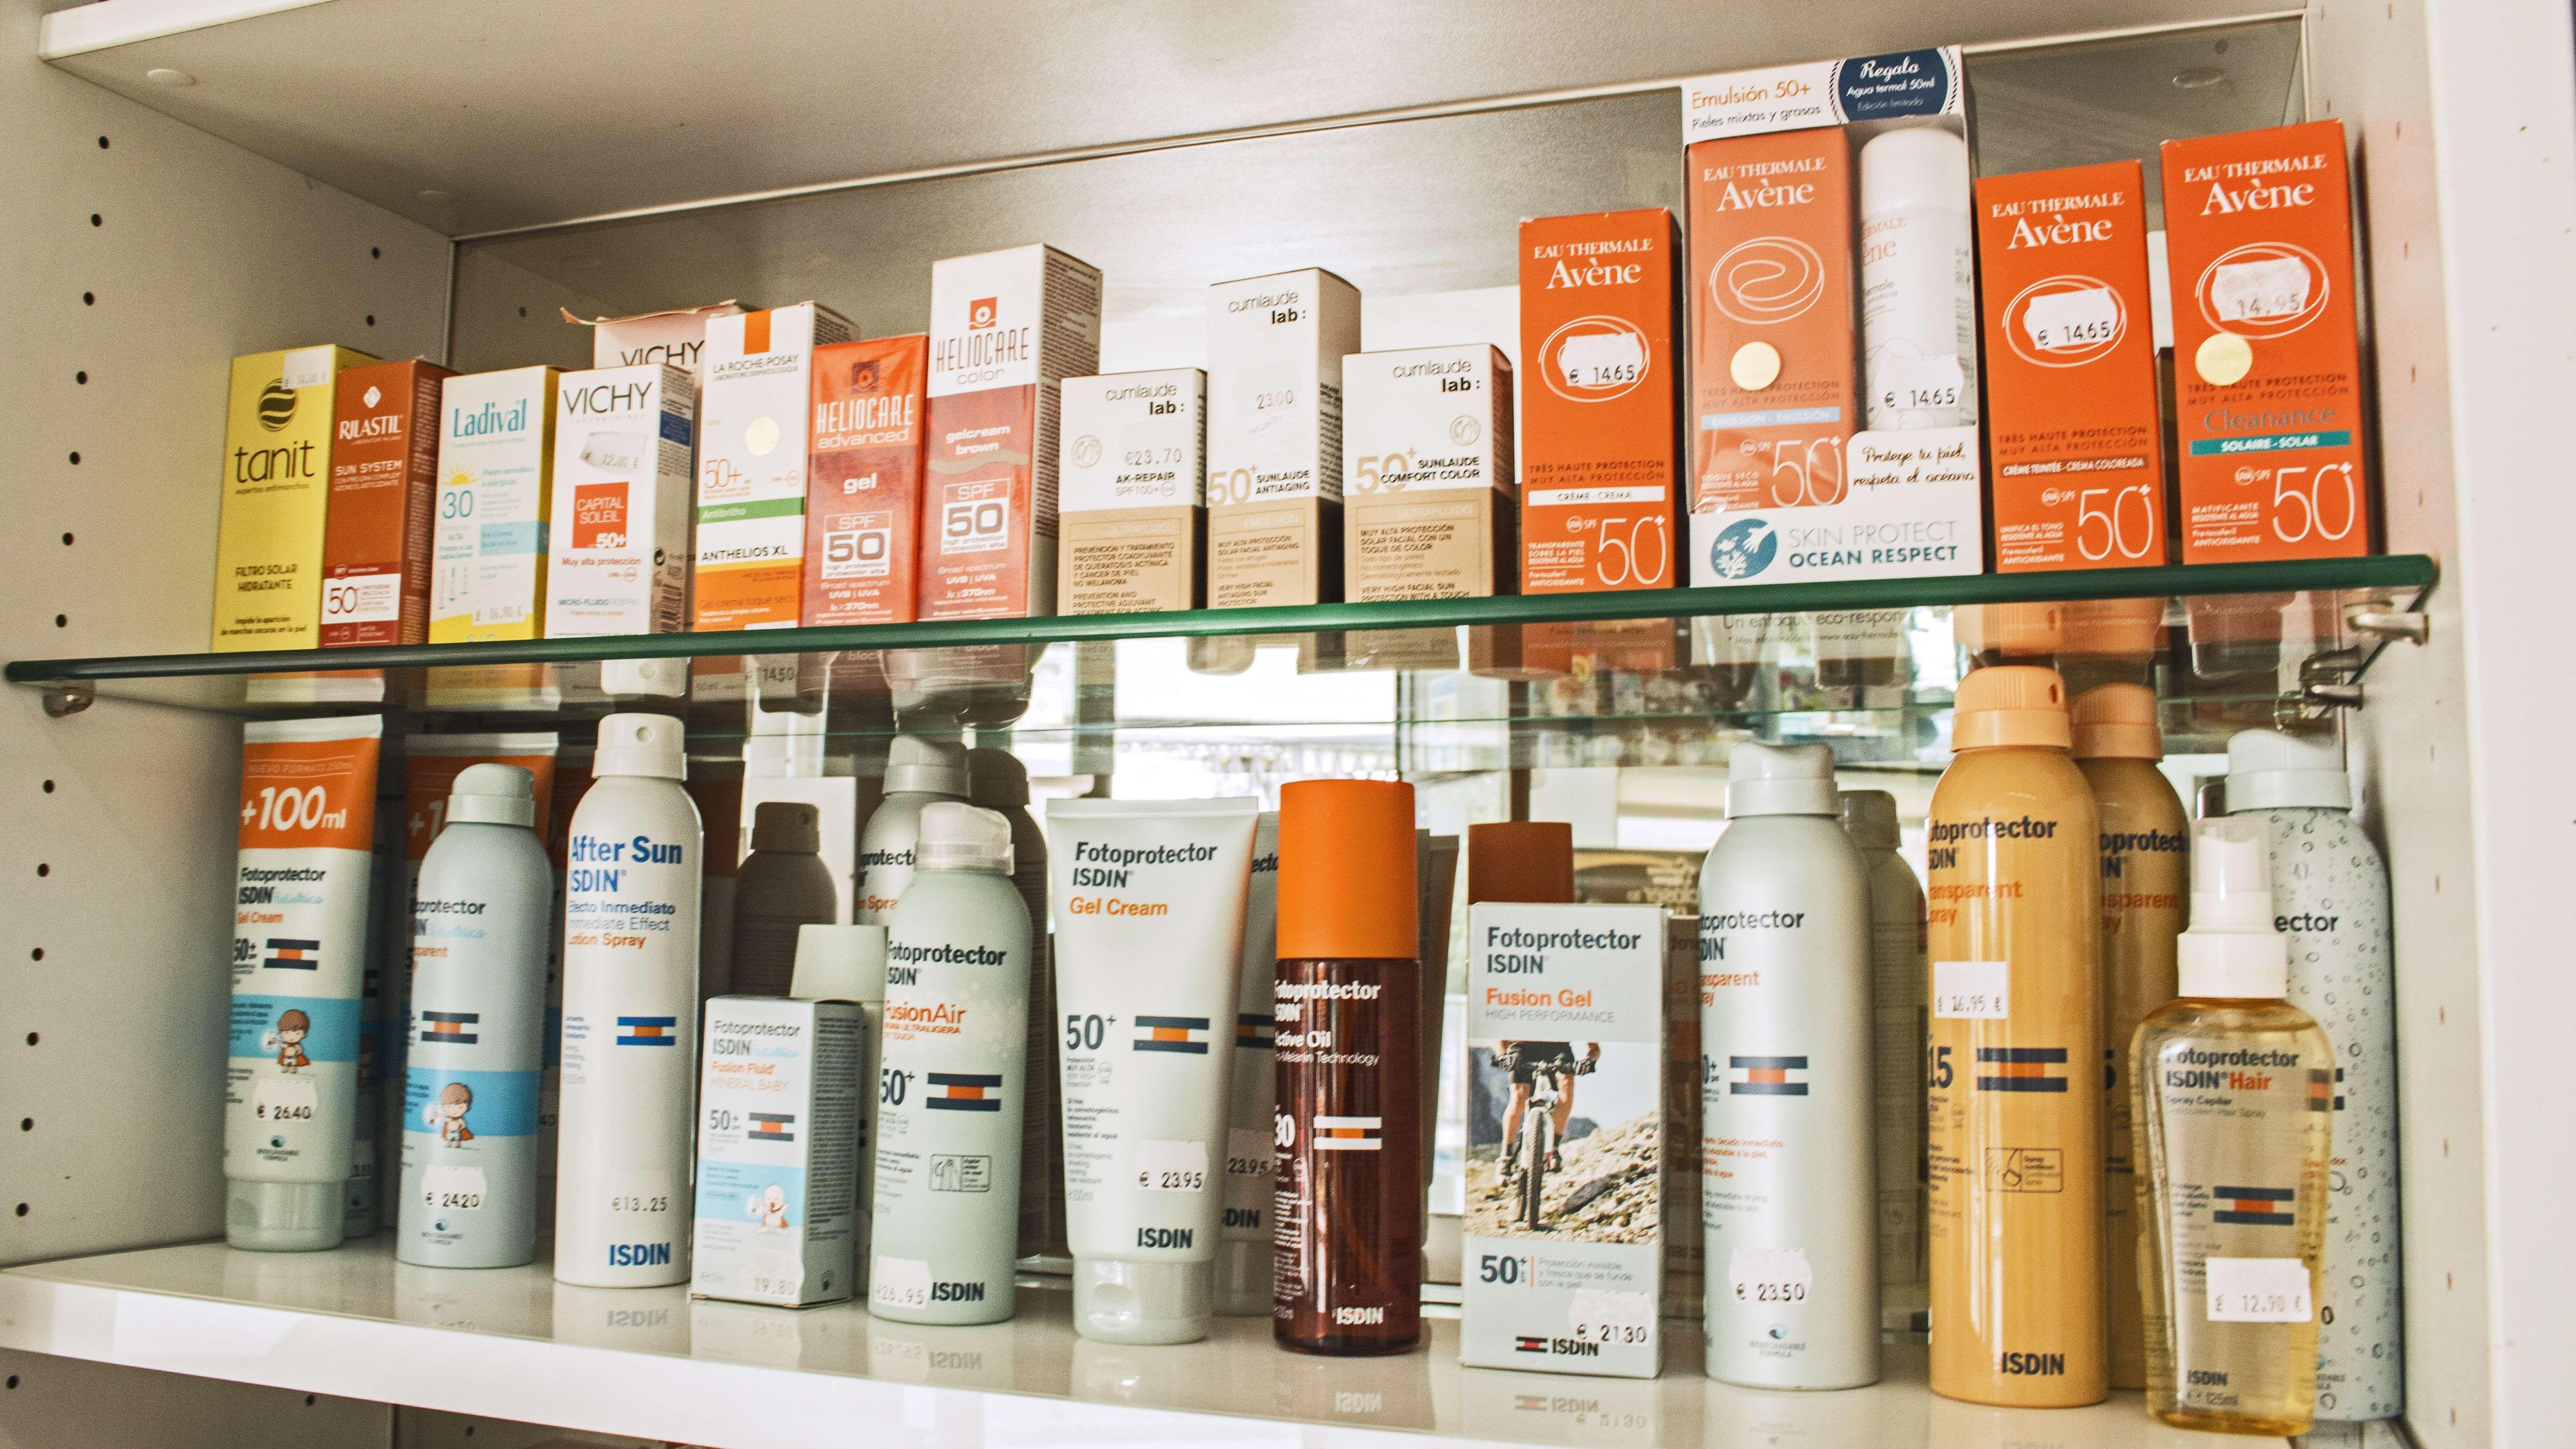 Farmacia de guardia en Narón con productos de protección solar